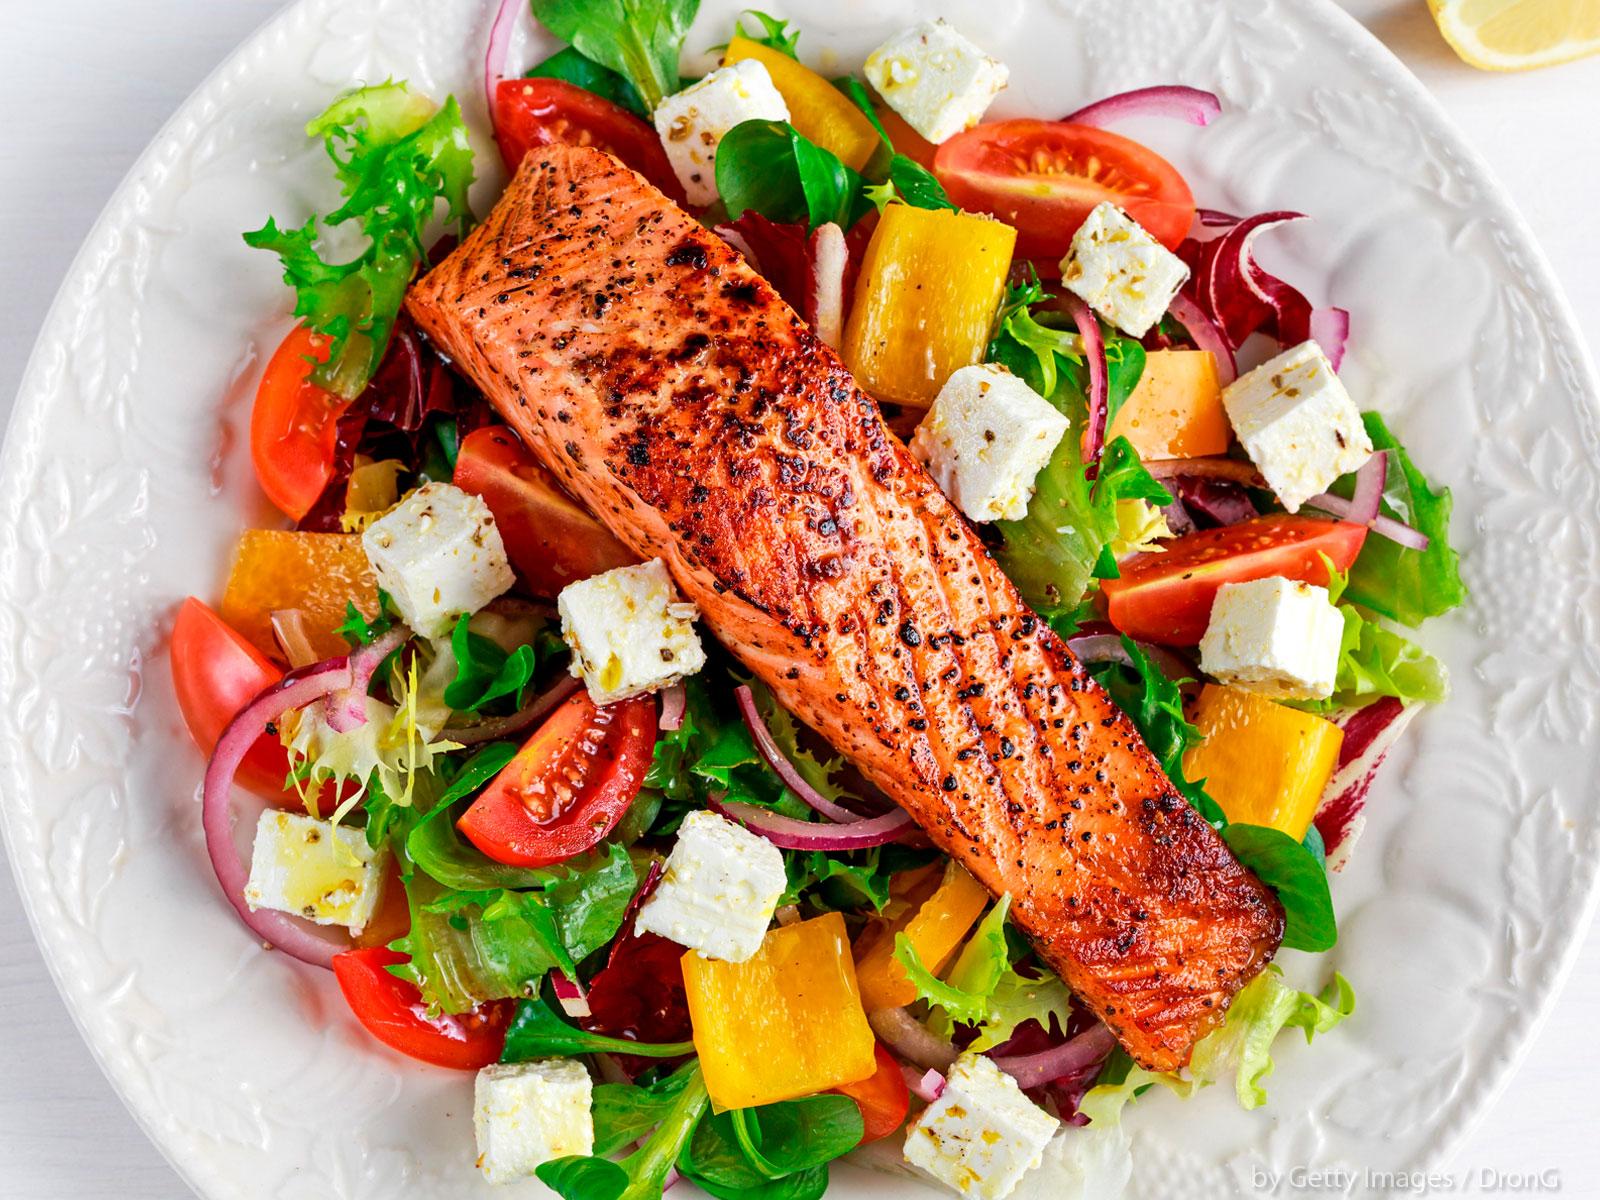 Nunca-é-tarde-demais-para-iniciar-bons-hábitos-alimentares